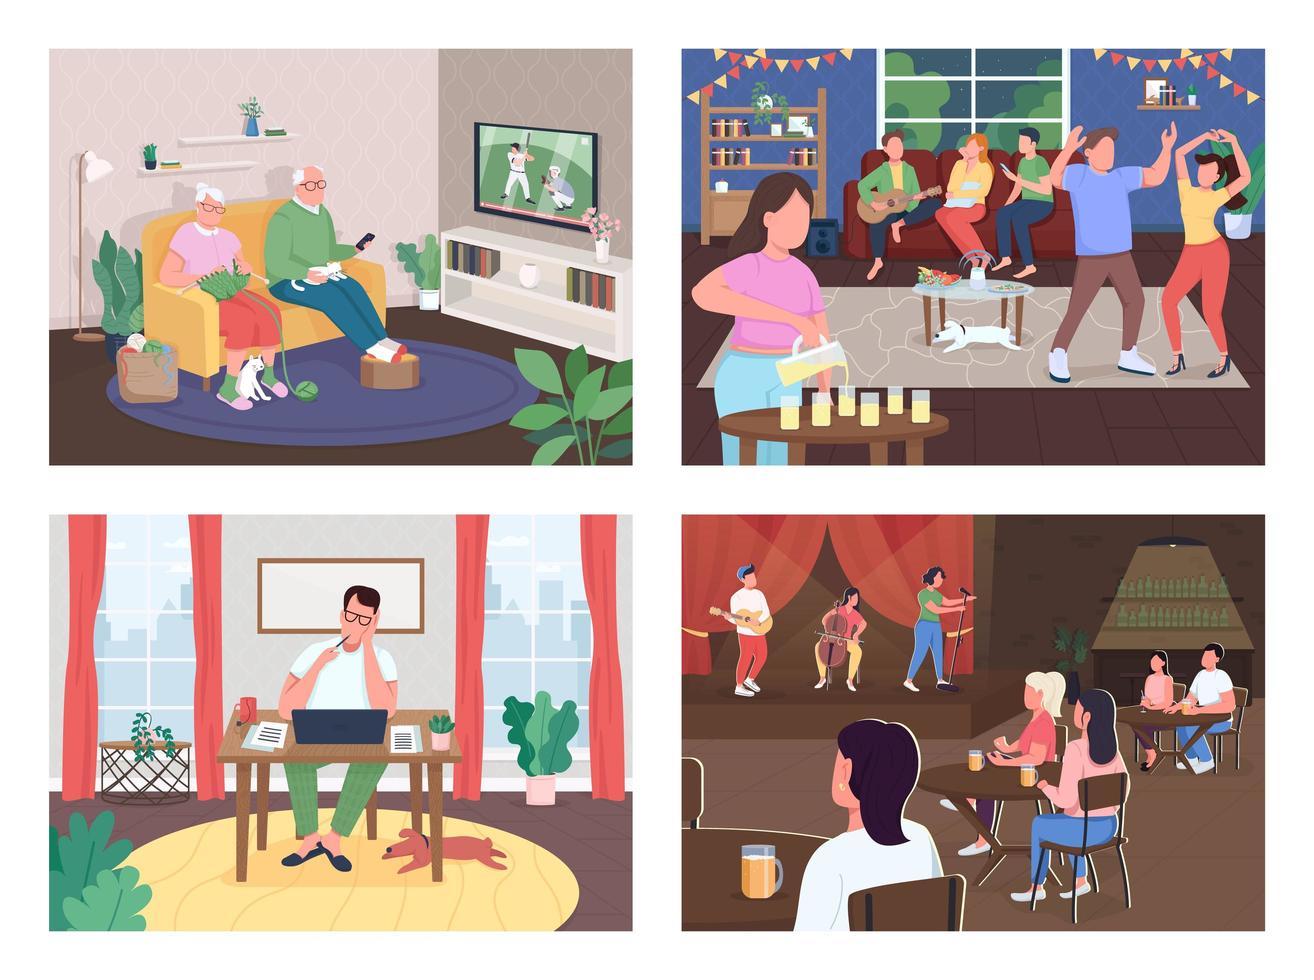 conjunto de actividades de entretenimiento vector